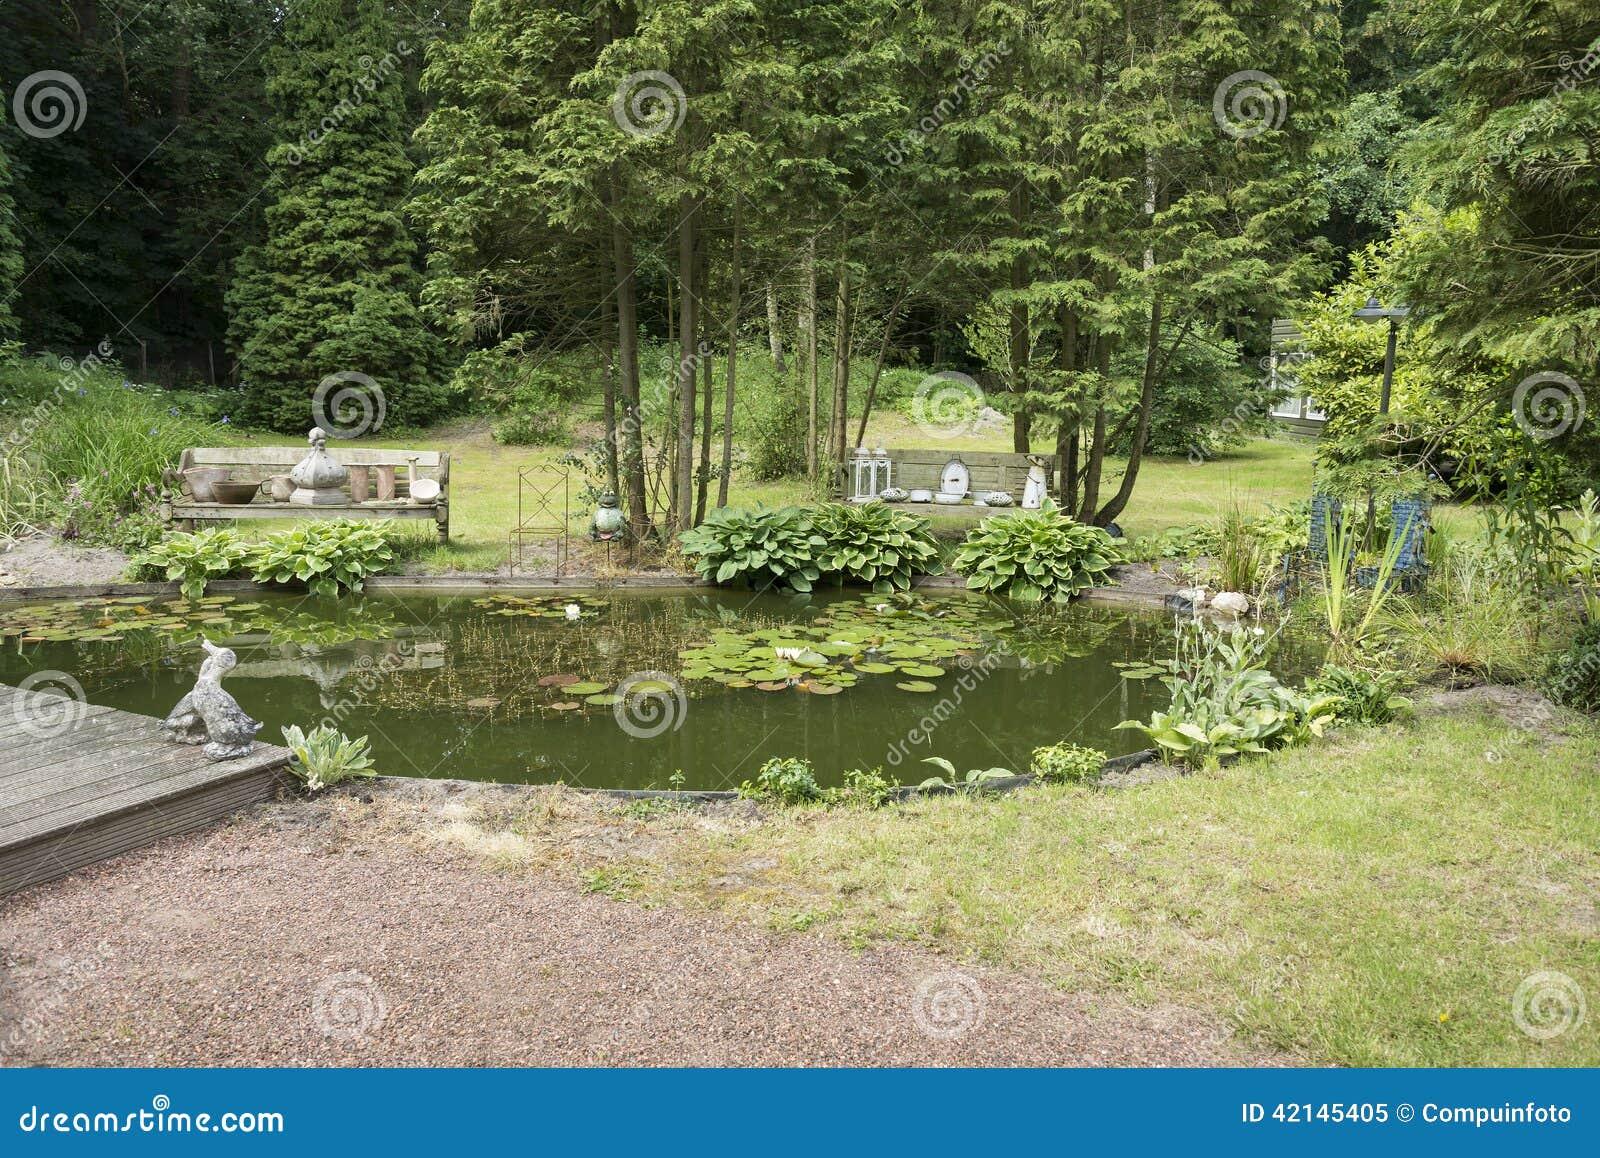 Engelse tuin met groene bomenplannen en vijver stock for Tuin en vijver